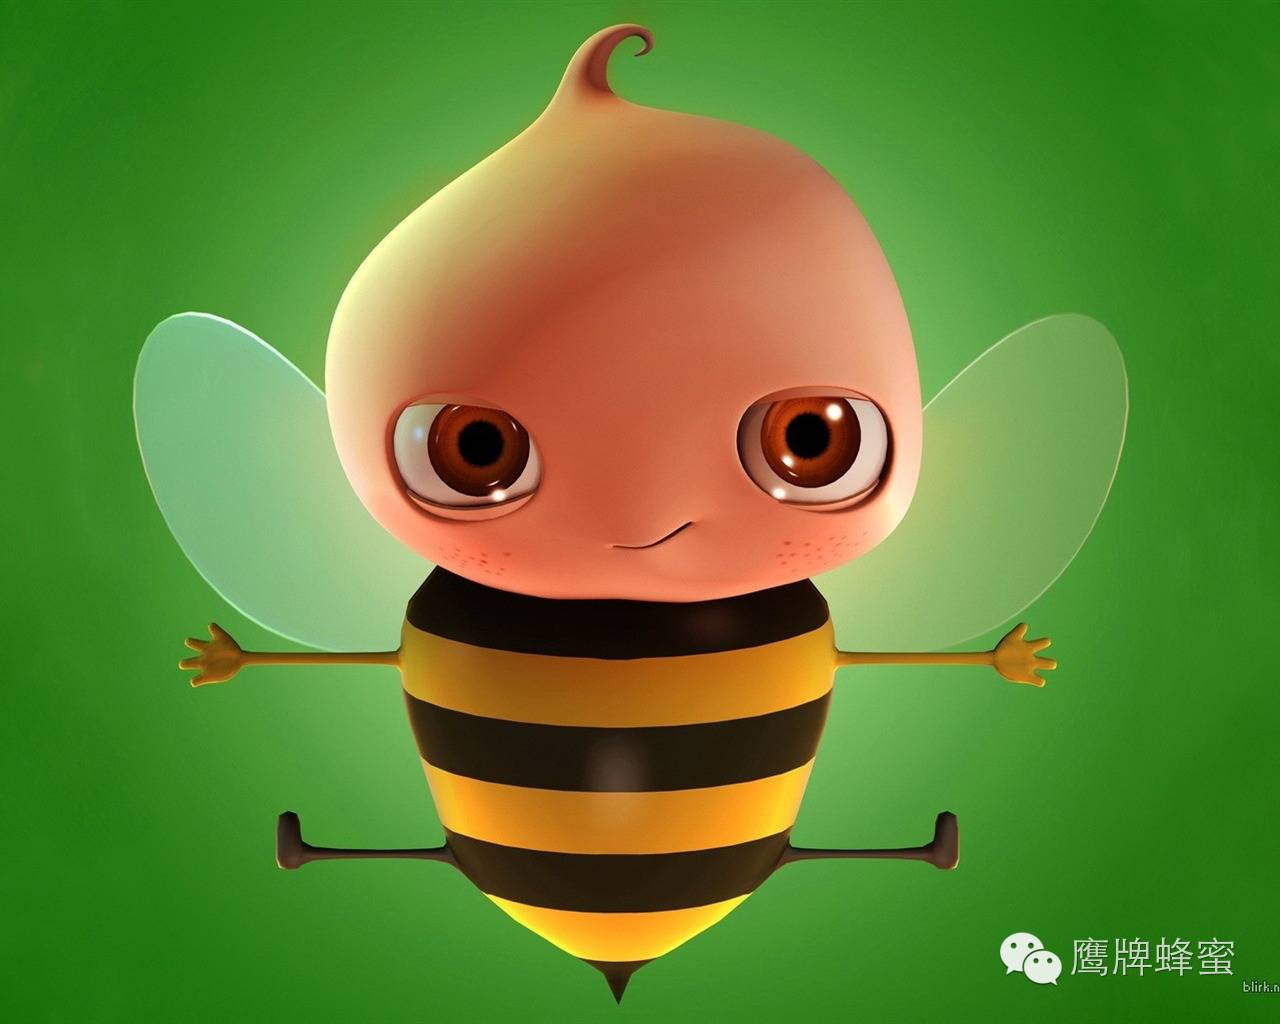 洋槐蜂蜜结晶 牛奶麦片加蜂蜜 酸奶和蜂蜜能一起喝吗 姜红枣蜂蜜 蜂蜜与枸杞